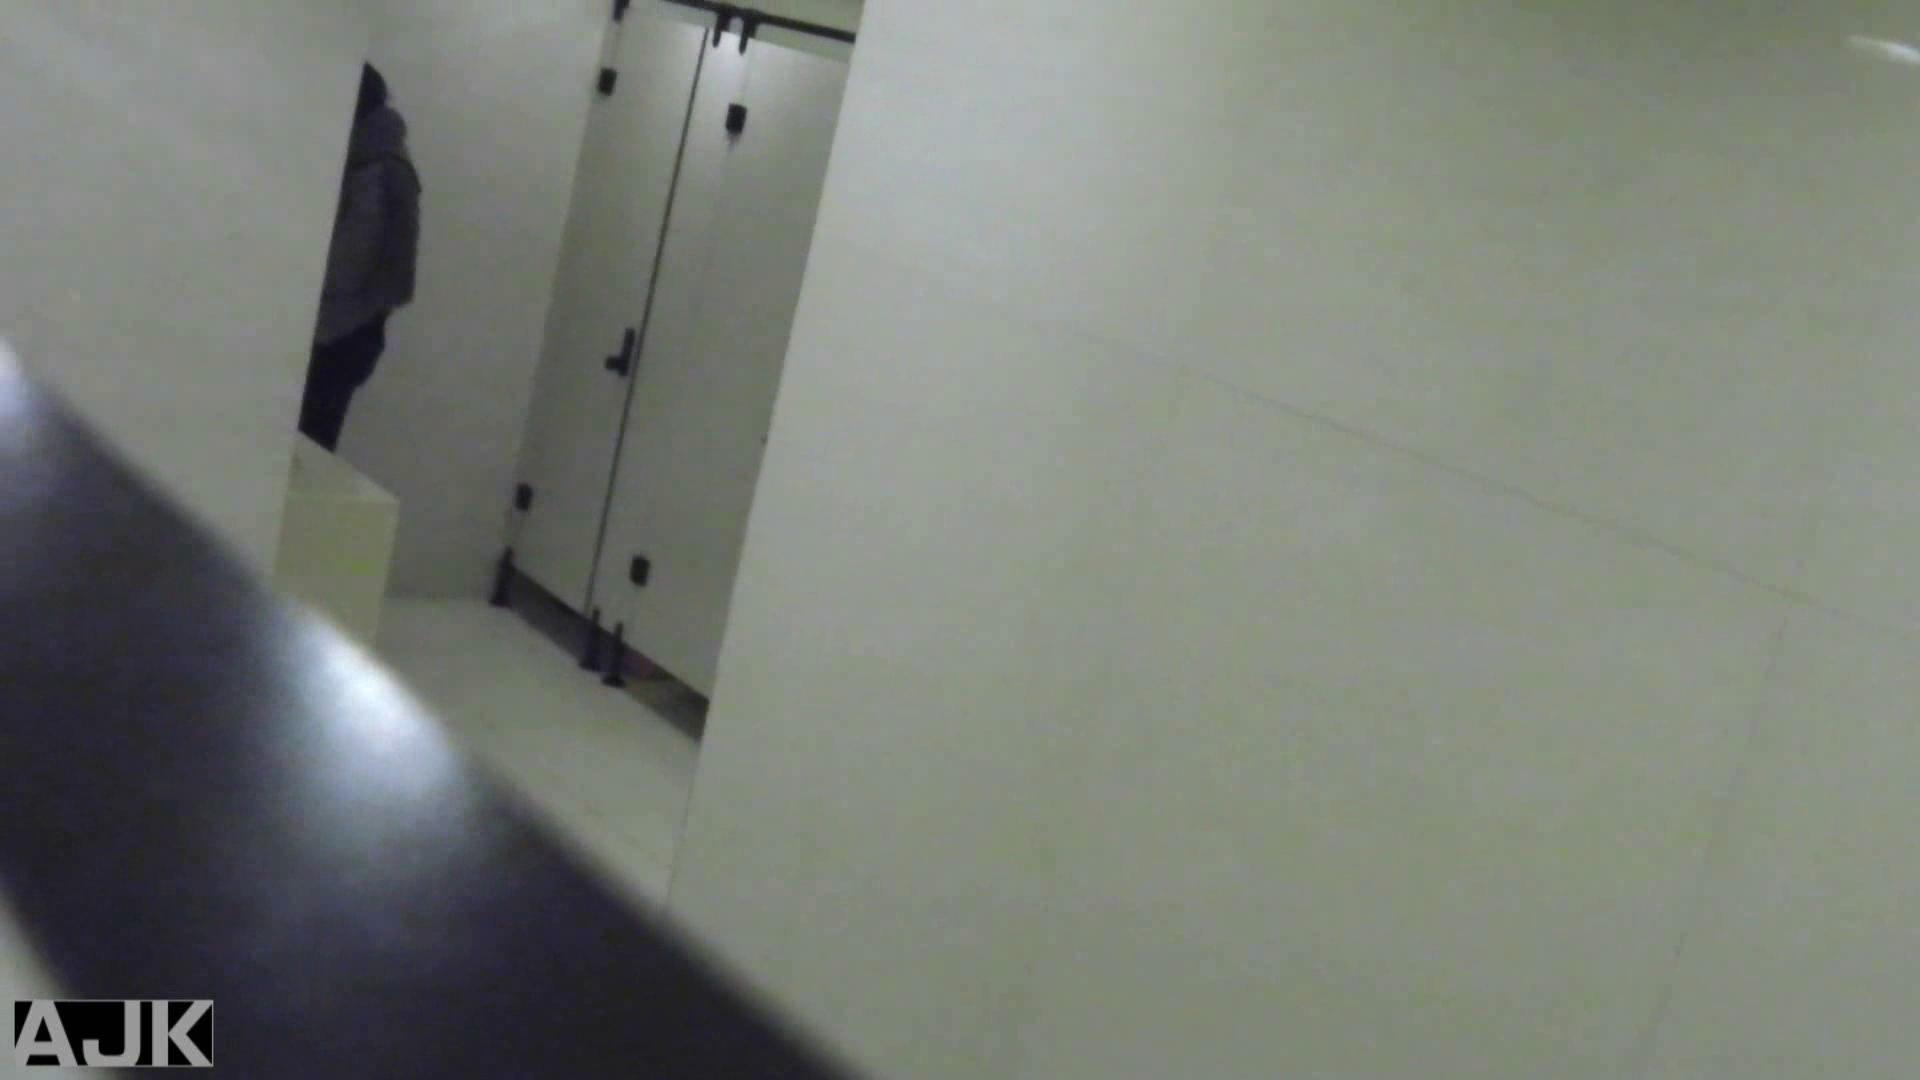 隣国上階級エリアの令嬢たちが集うデパートお手洗い Vol.07 女子トイレ おめこ無修正画像 111枚 43